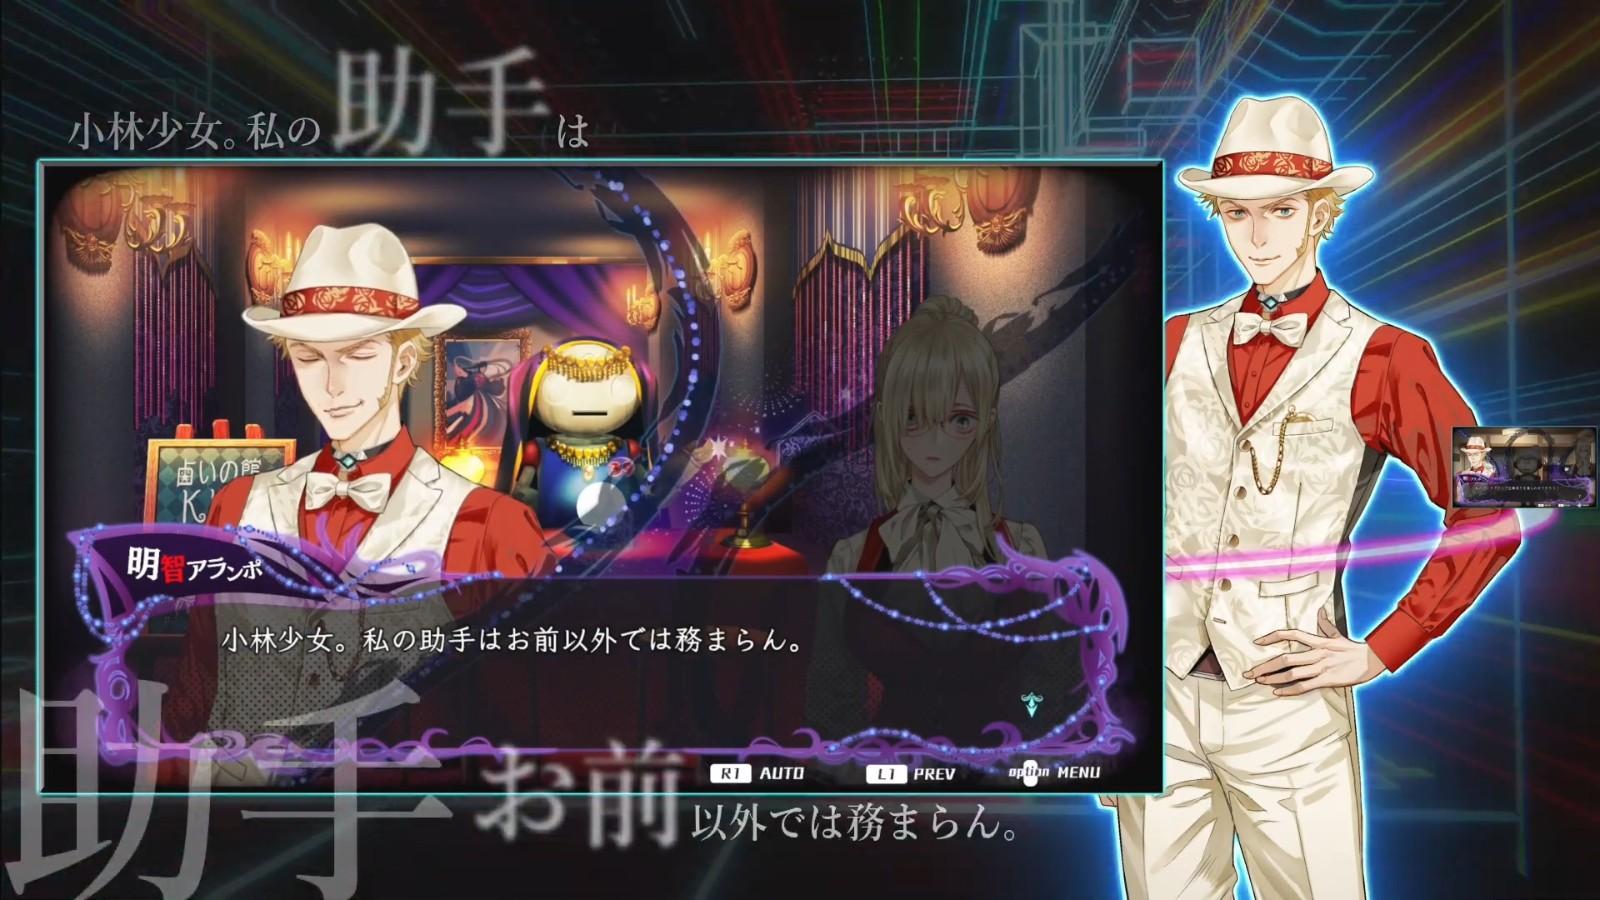 弹幕射击《冤罪执行游戏Yurukill》角色PV:侦探明智阿兰波